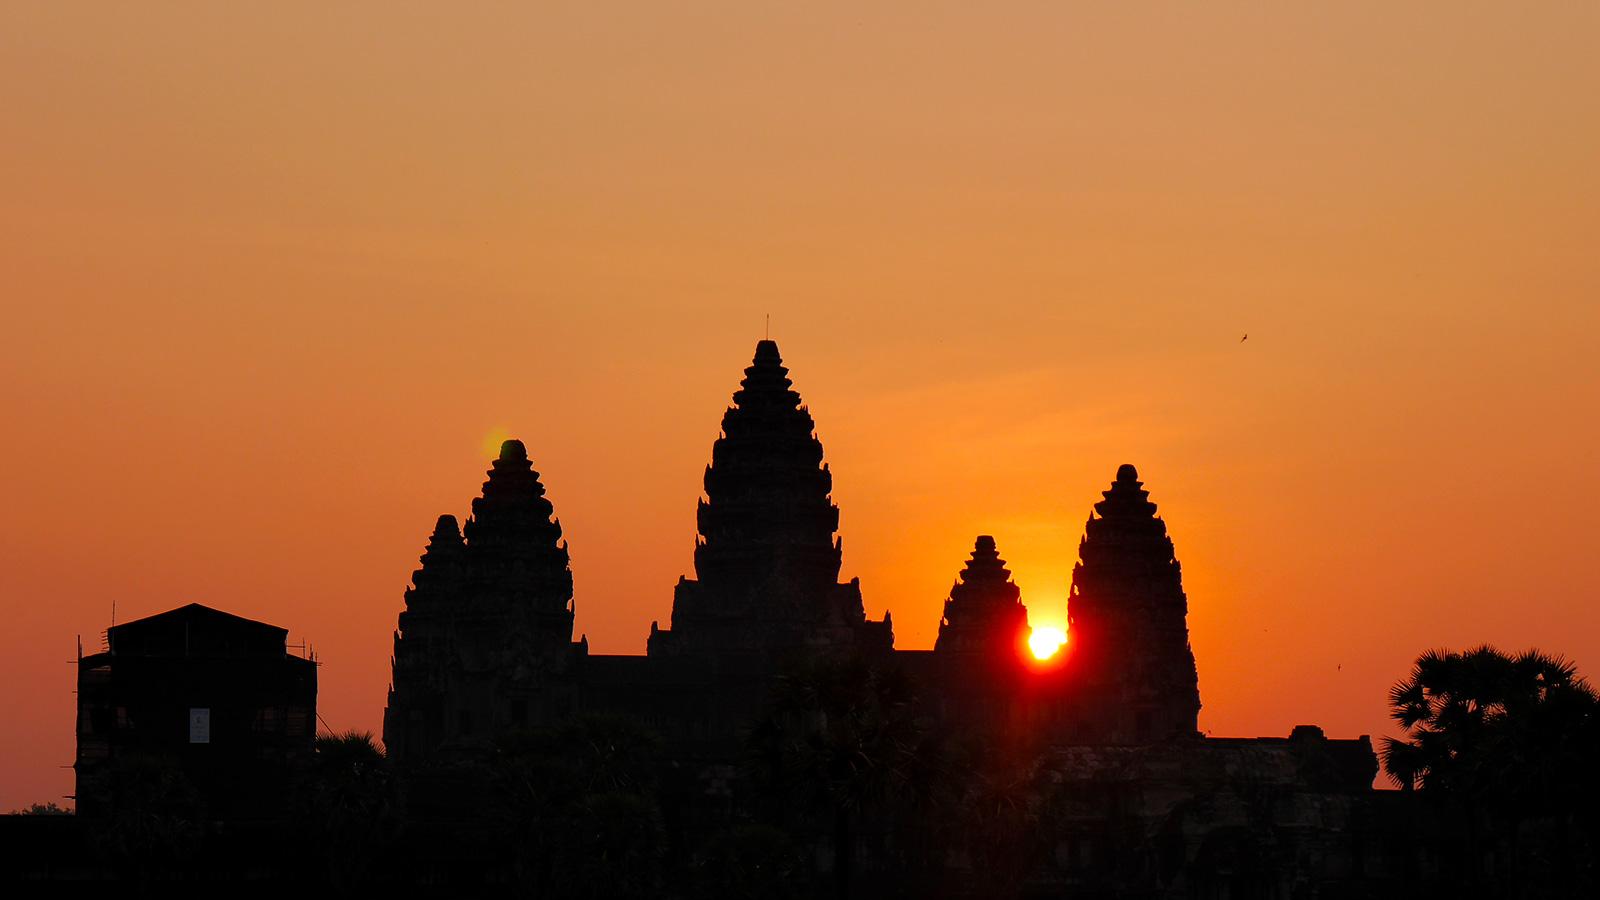 Kambodscha Express Gruppenreisen für junge Leute traveljunkies